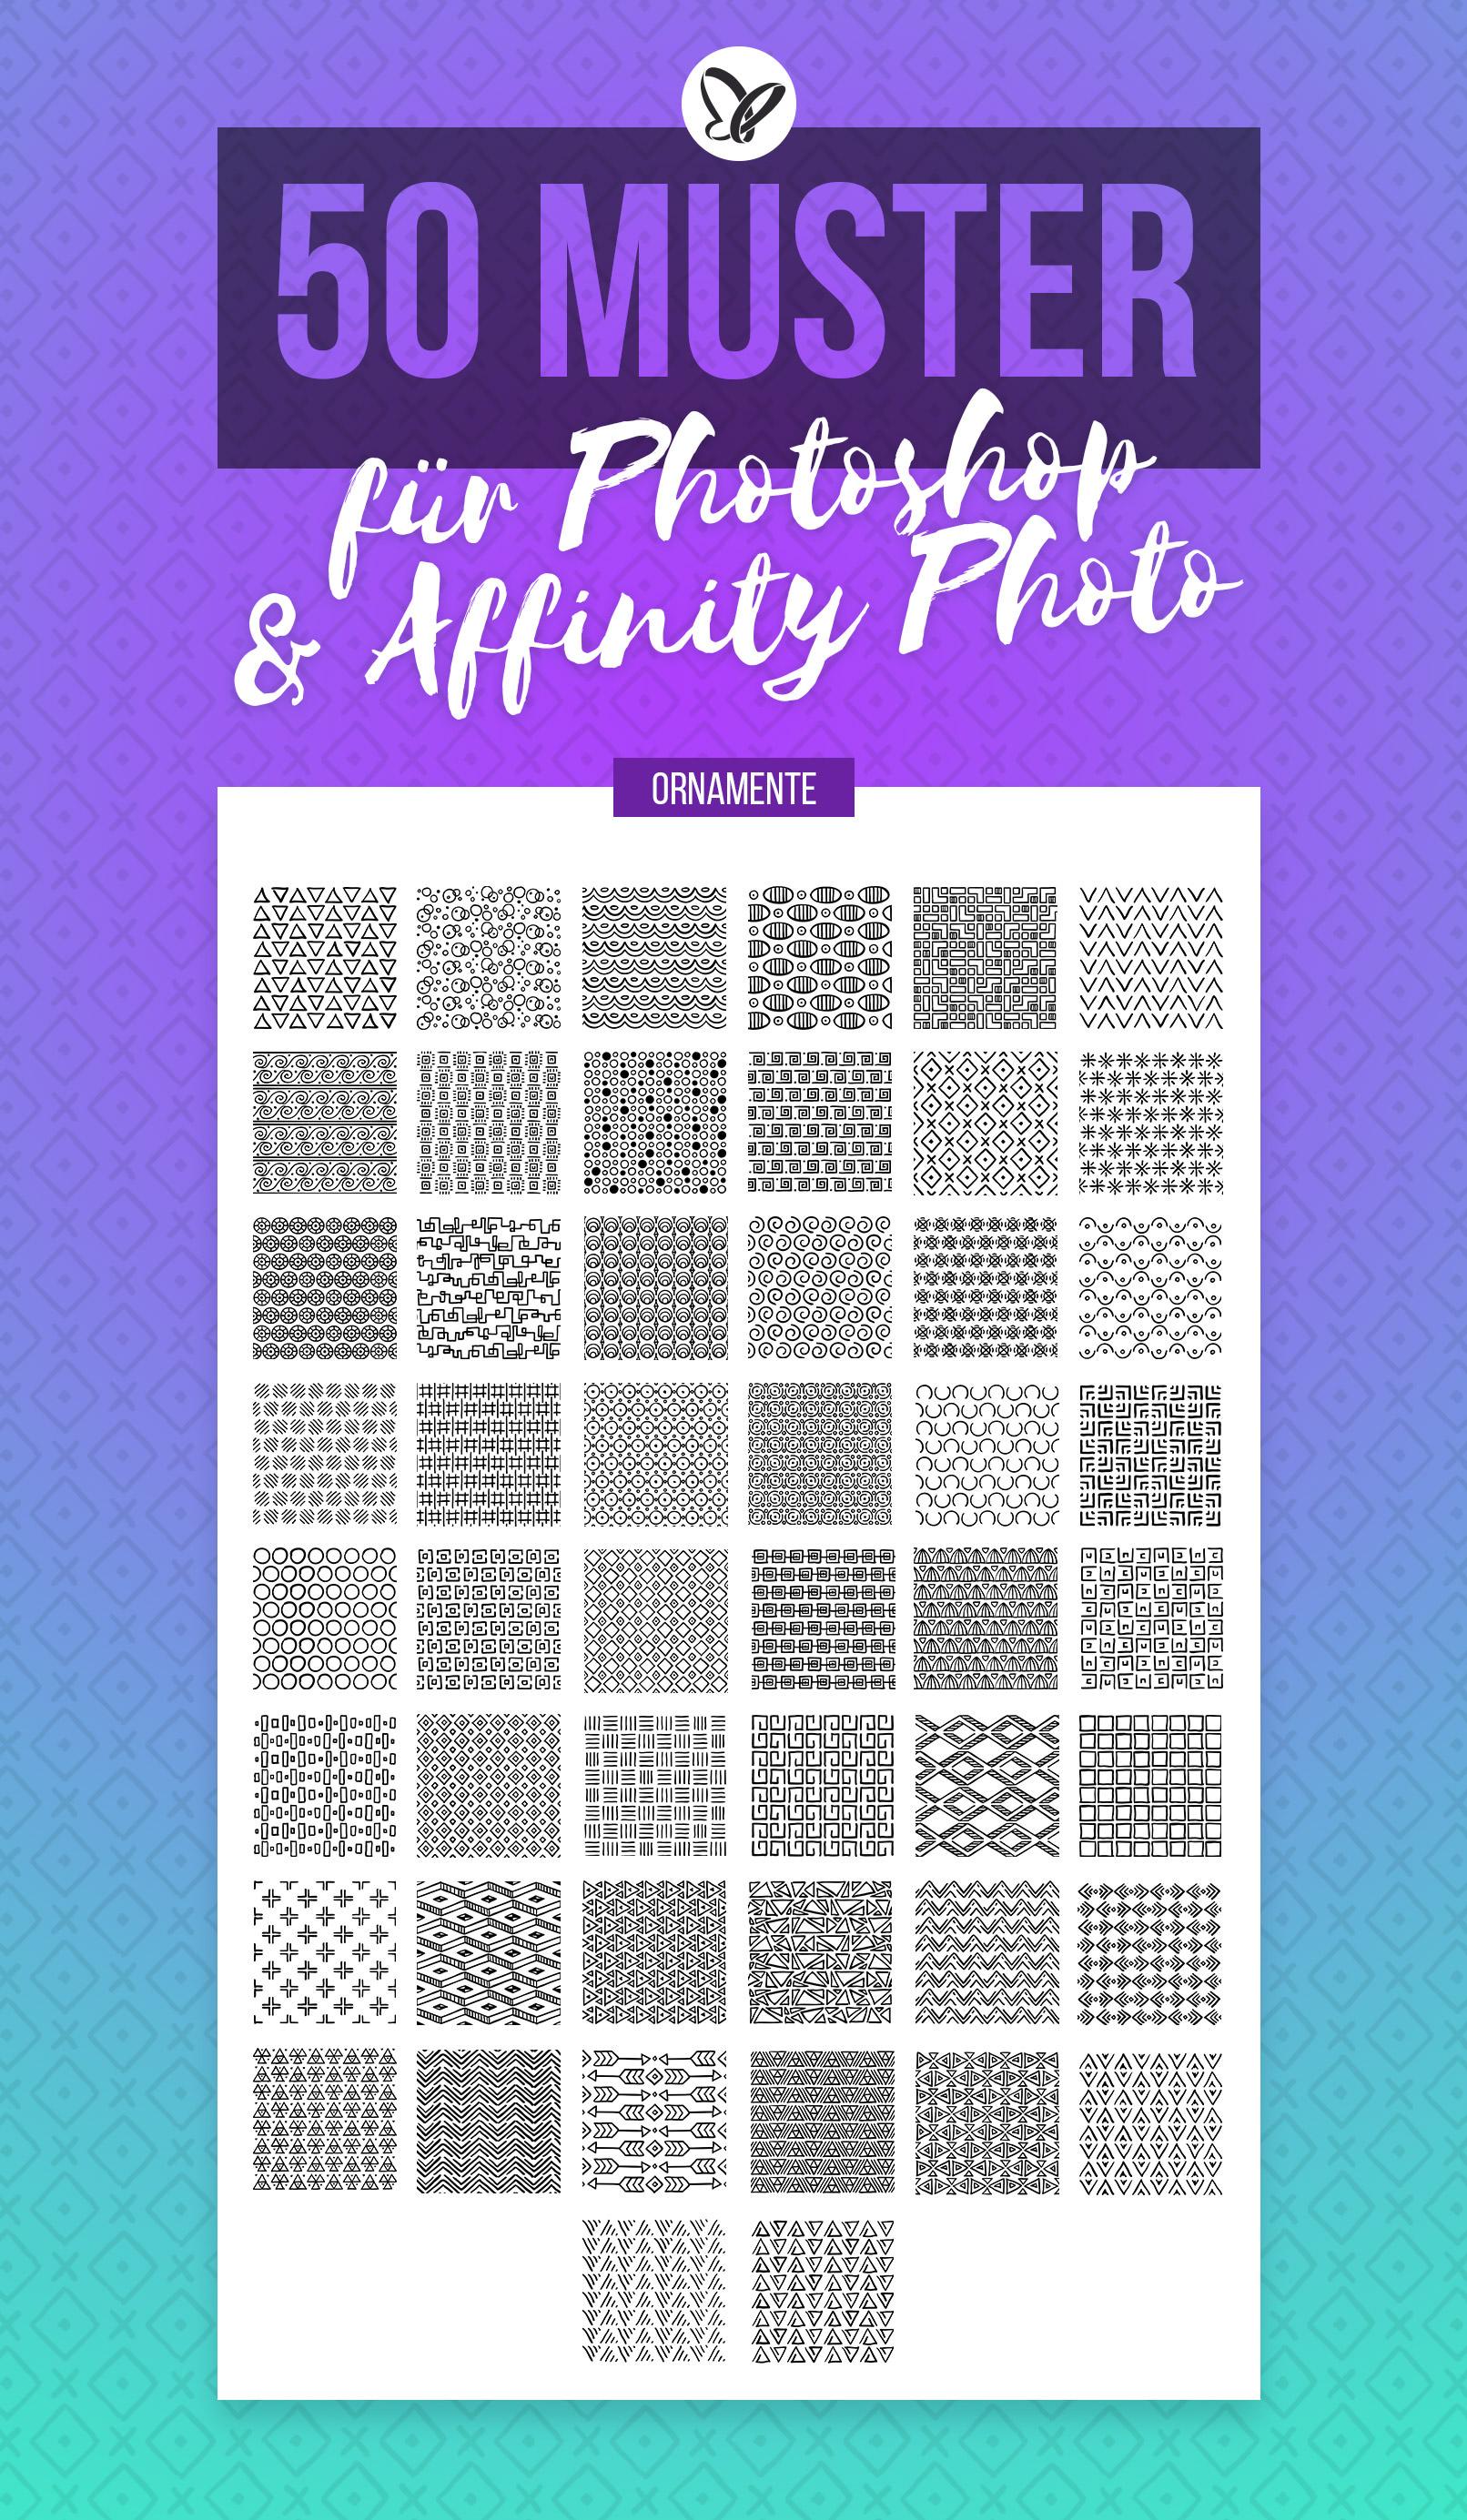 Vorschau auf die 50 Muster mit Ornamenten für Photoshop und Affinity Photo